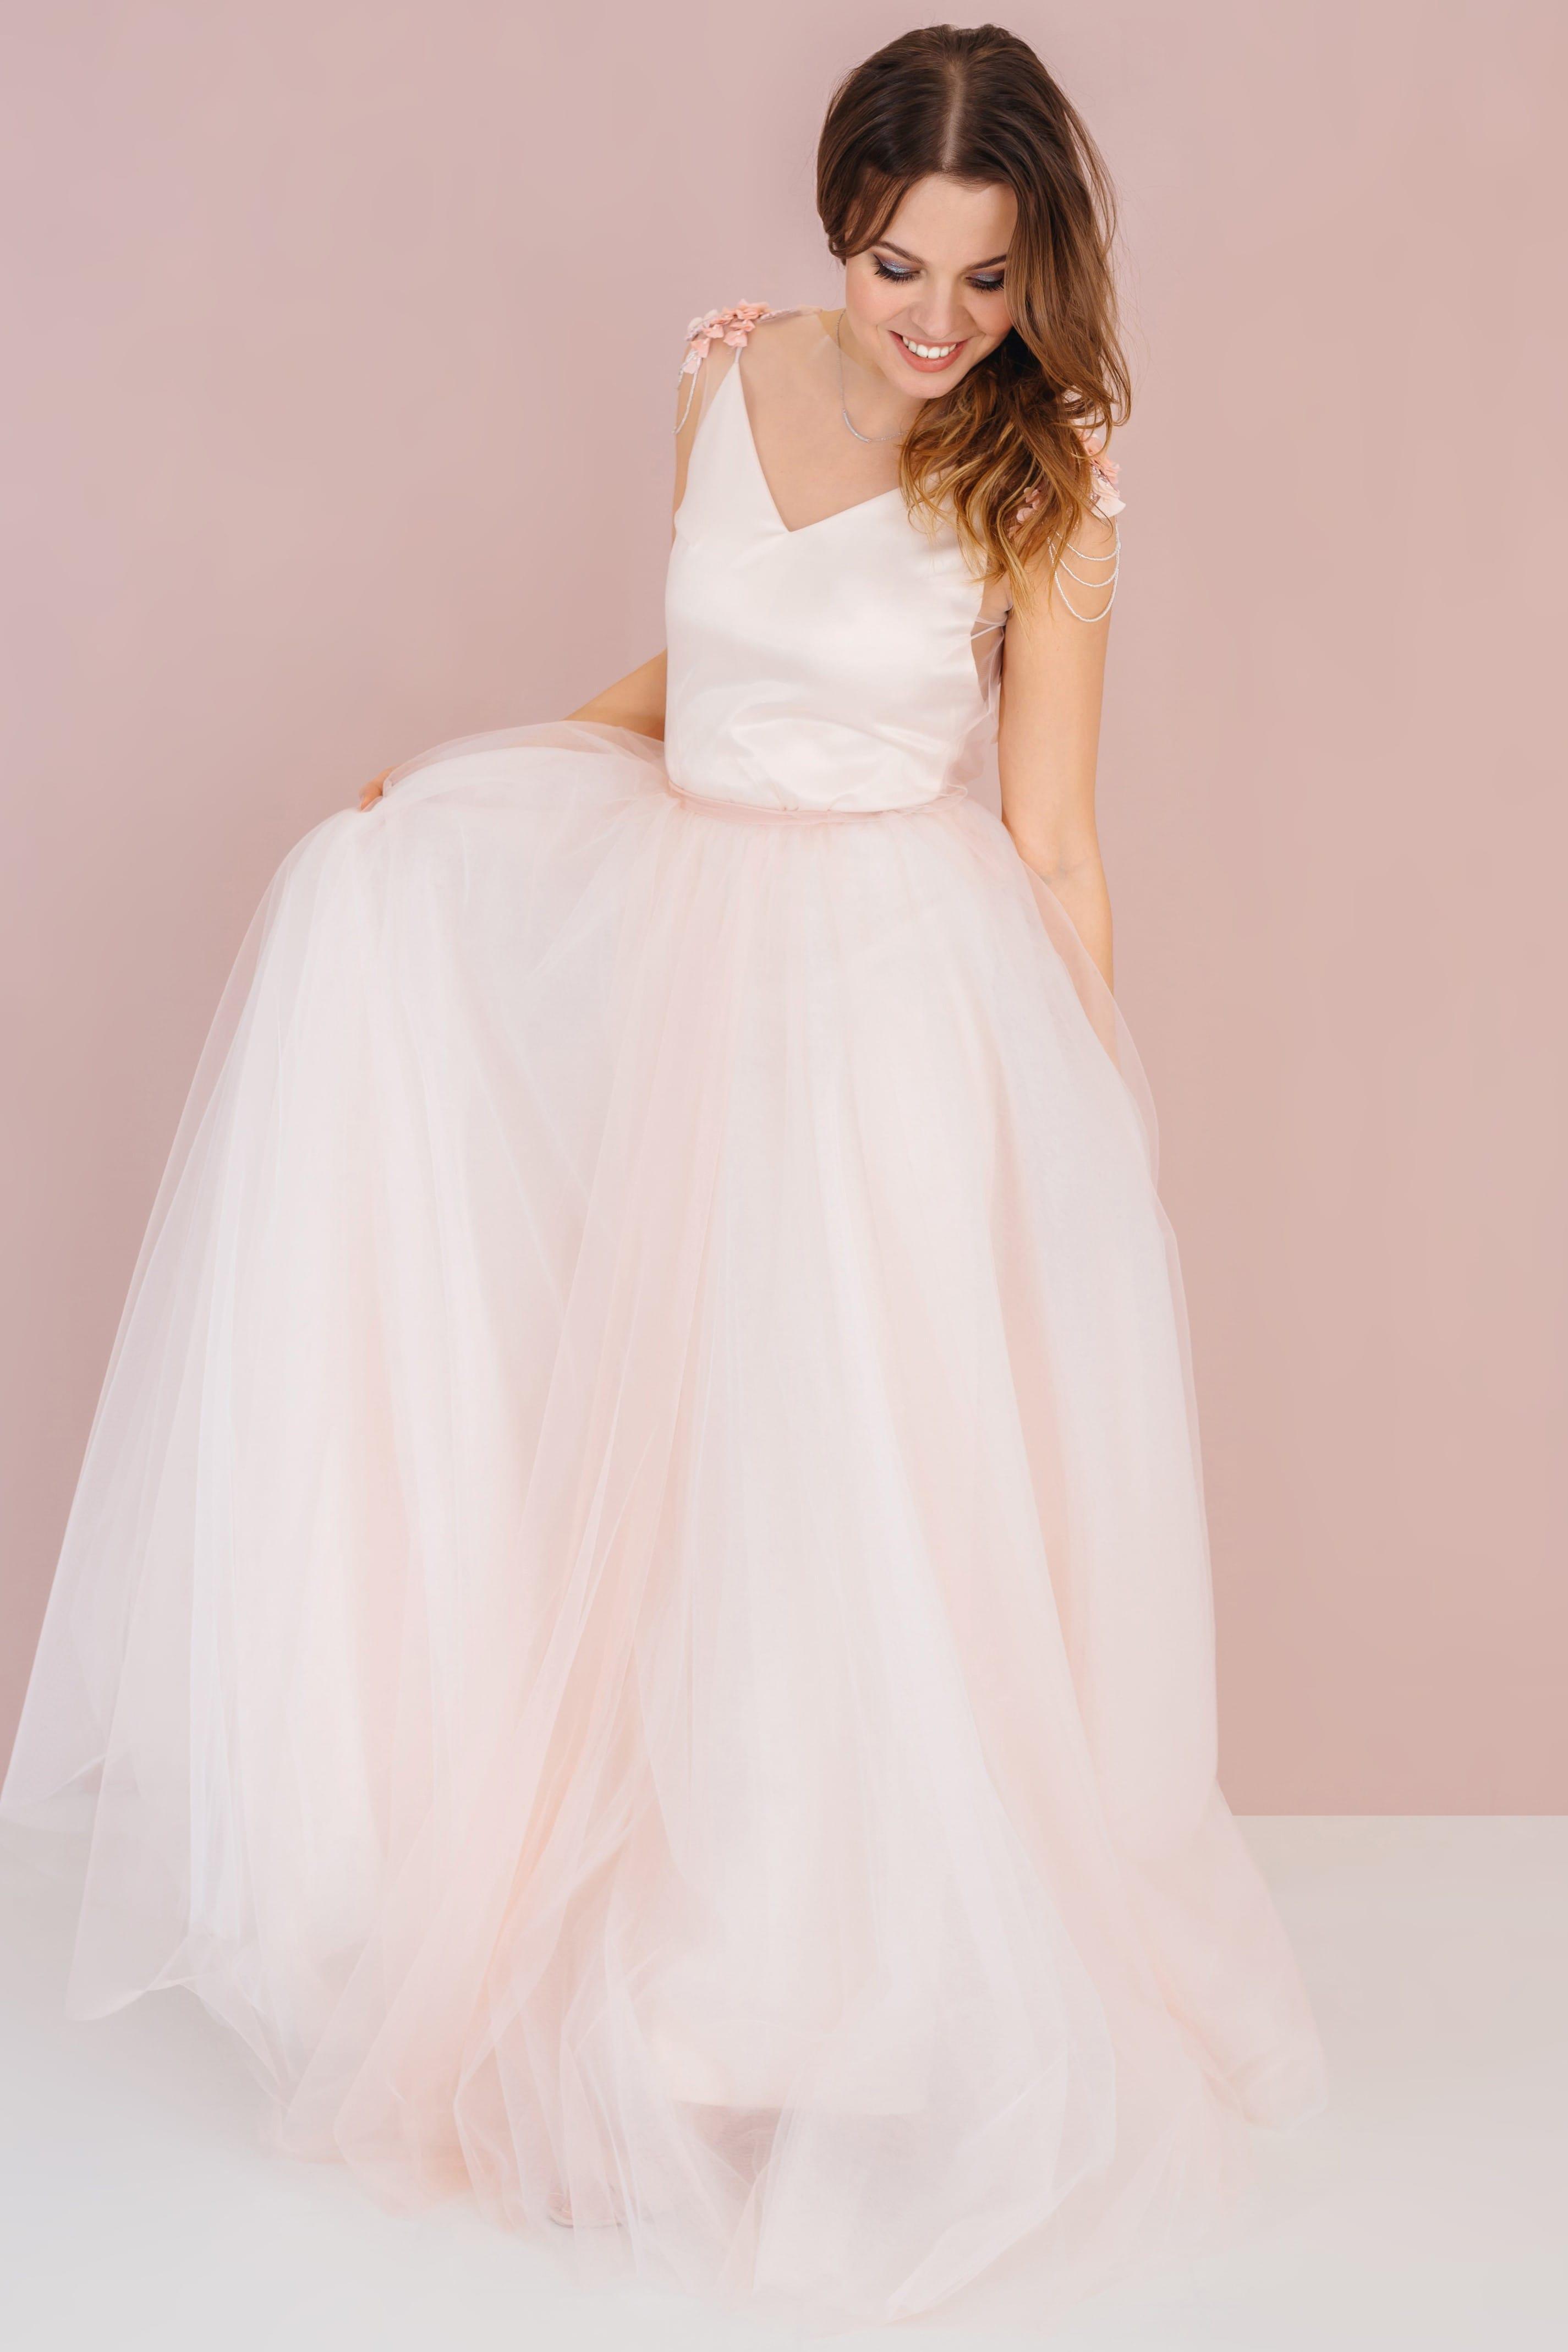 Свадебное платье BRITANY, коллекция LOFT, бренд RARE BRIDAL, фото 2